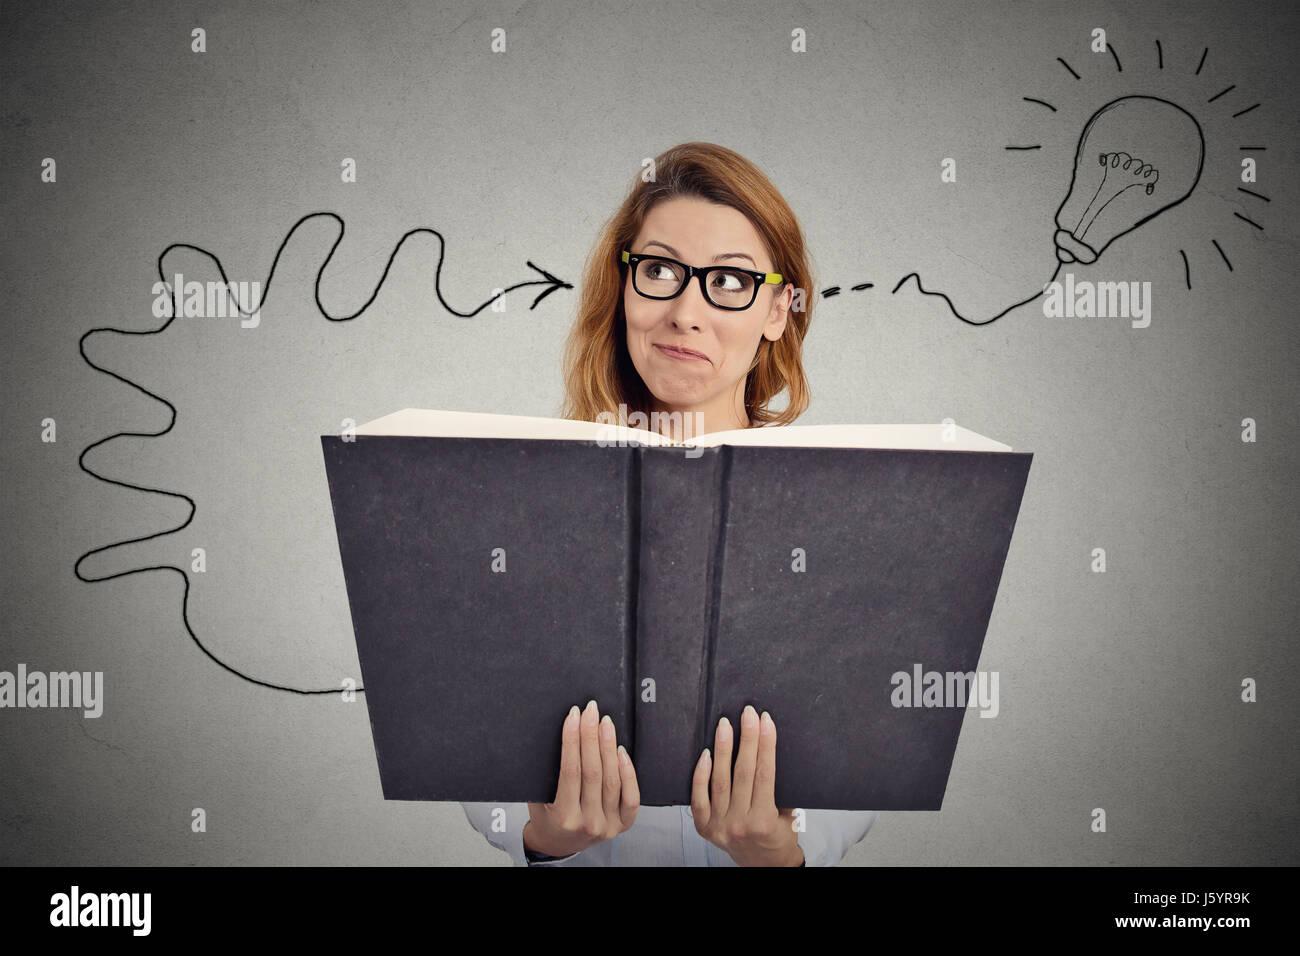 La donna la lettura di un enorme libro ha una buona idea Immagini Stock